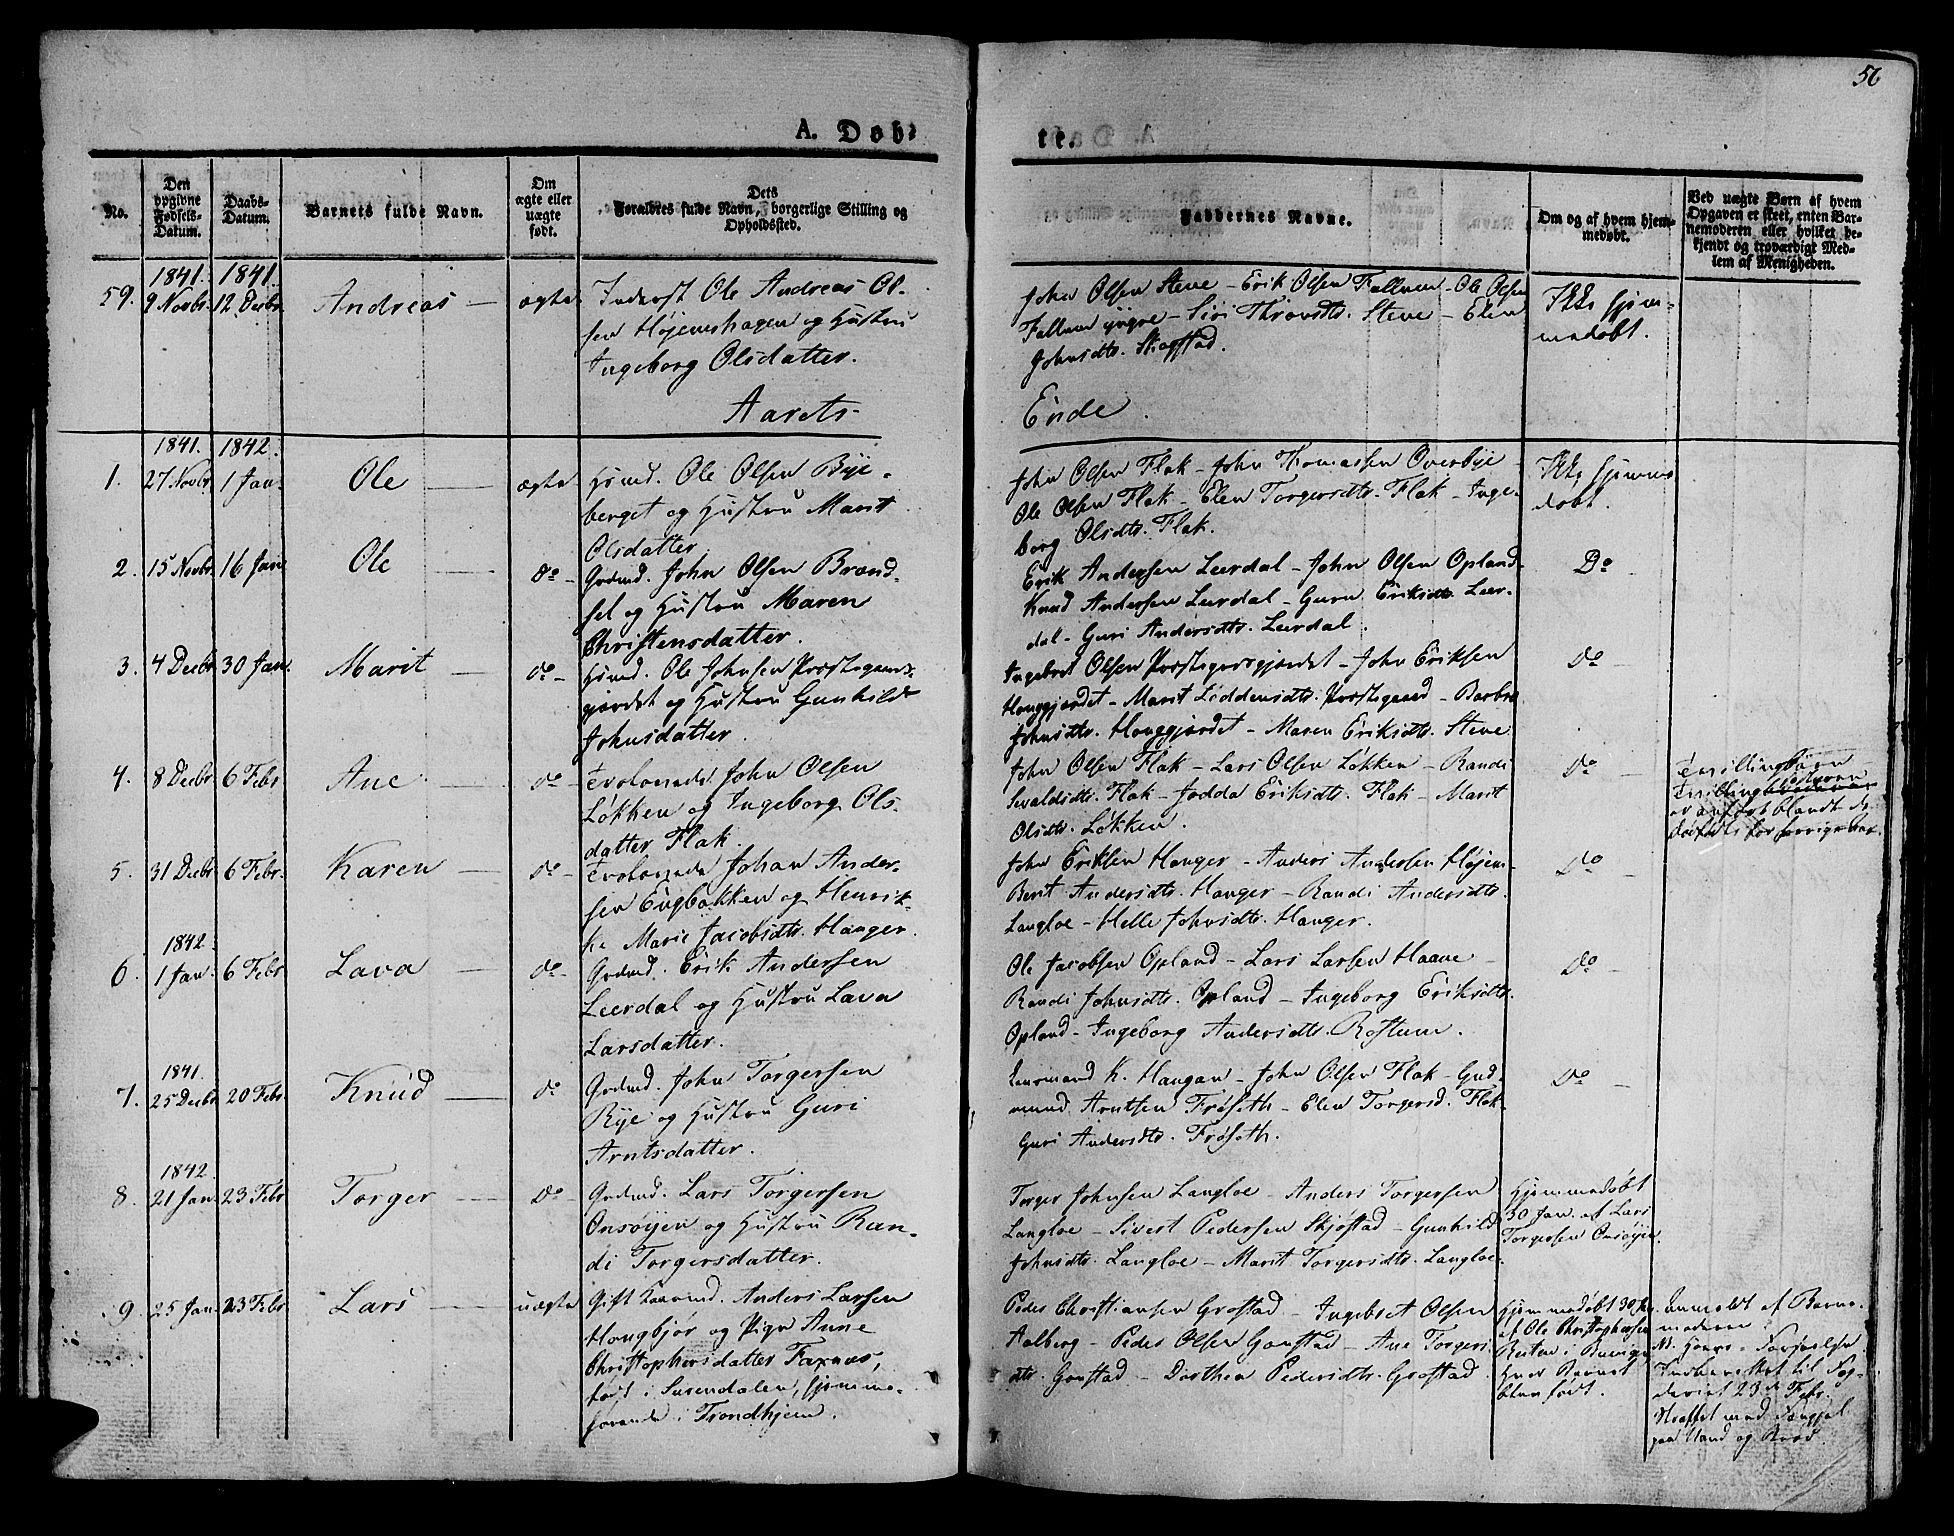 SAT, Ministerialprotokoller, klokkerbøker og fødselsregistre - Sør-Trøndelag, 612/L0374: Ministerialbok nr. 612A07 /1, 1829-1845, s. 56